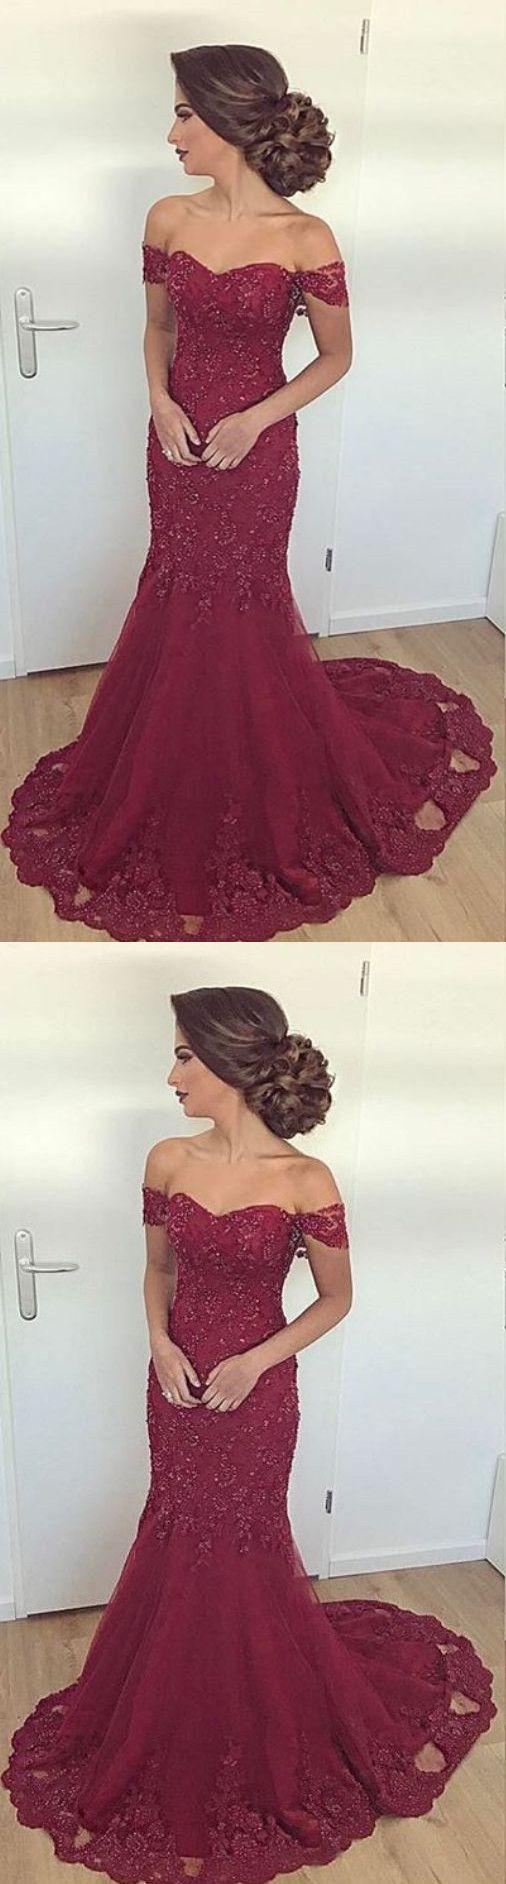 Off the shoulder prom dresses prom dress evening dresses formal